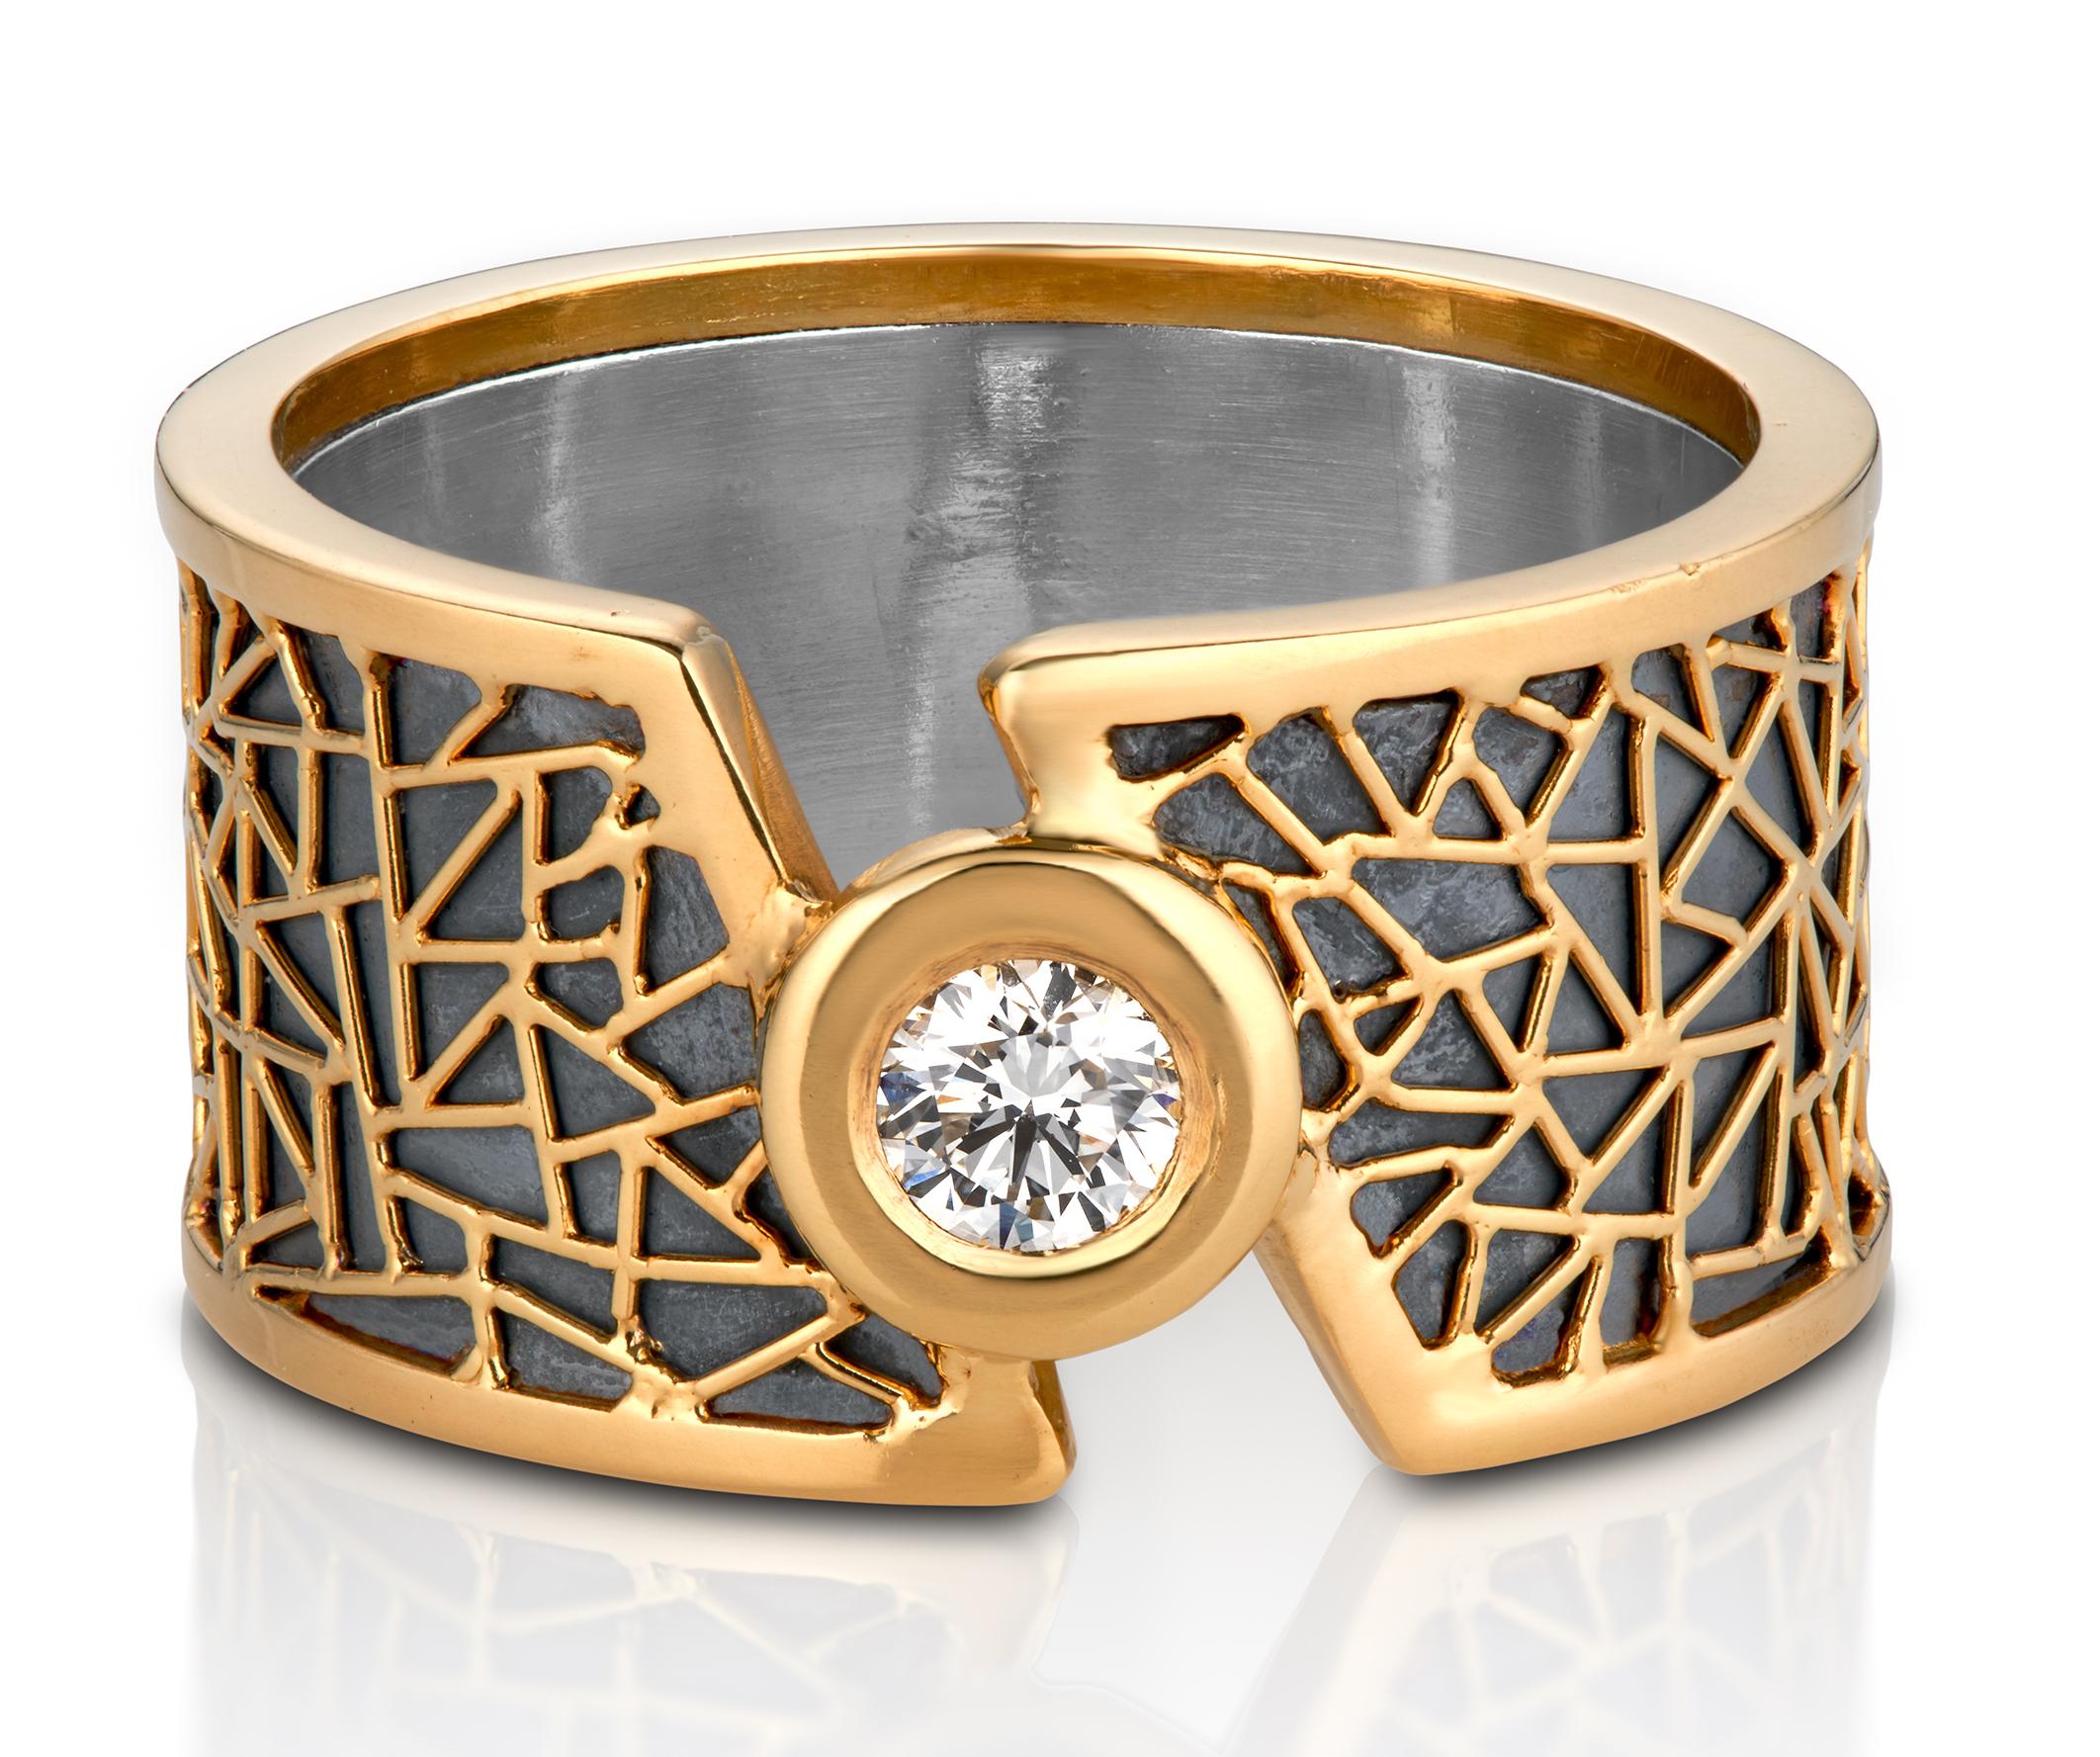 Baiyang Qui diamond ring | JCK On Your Market